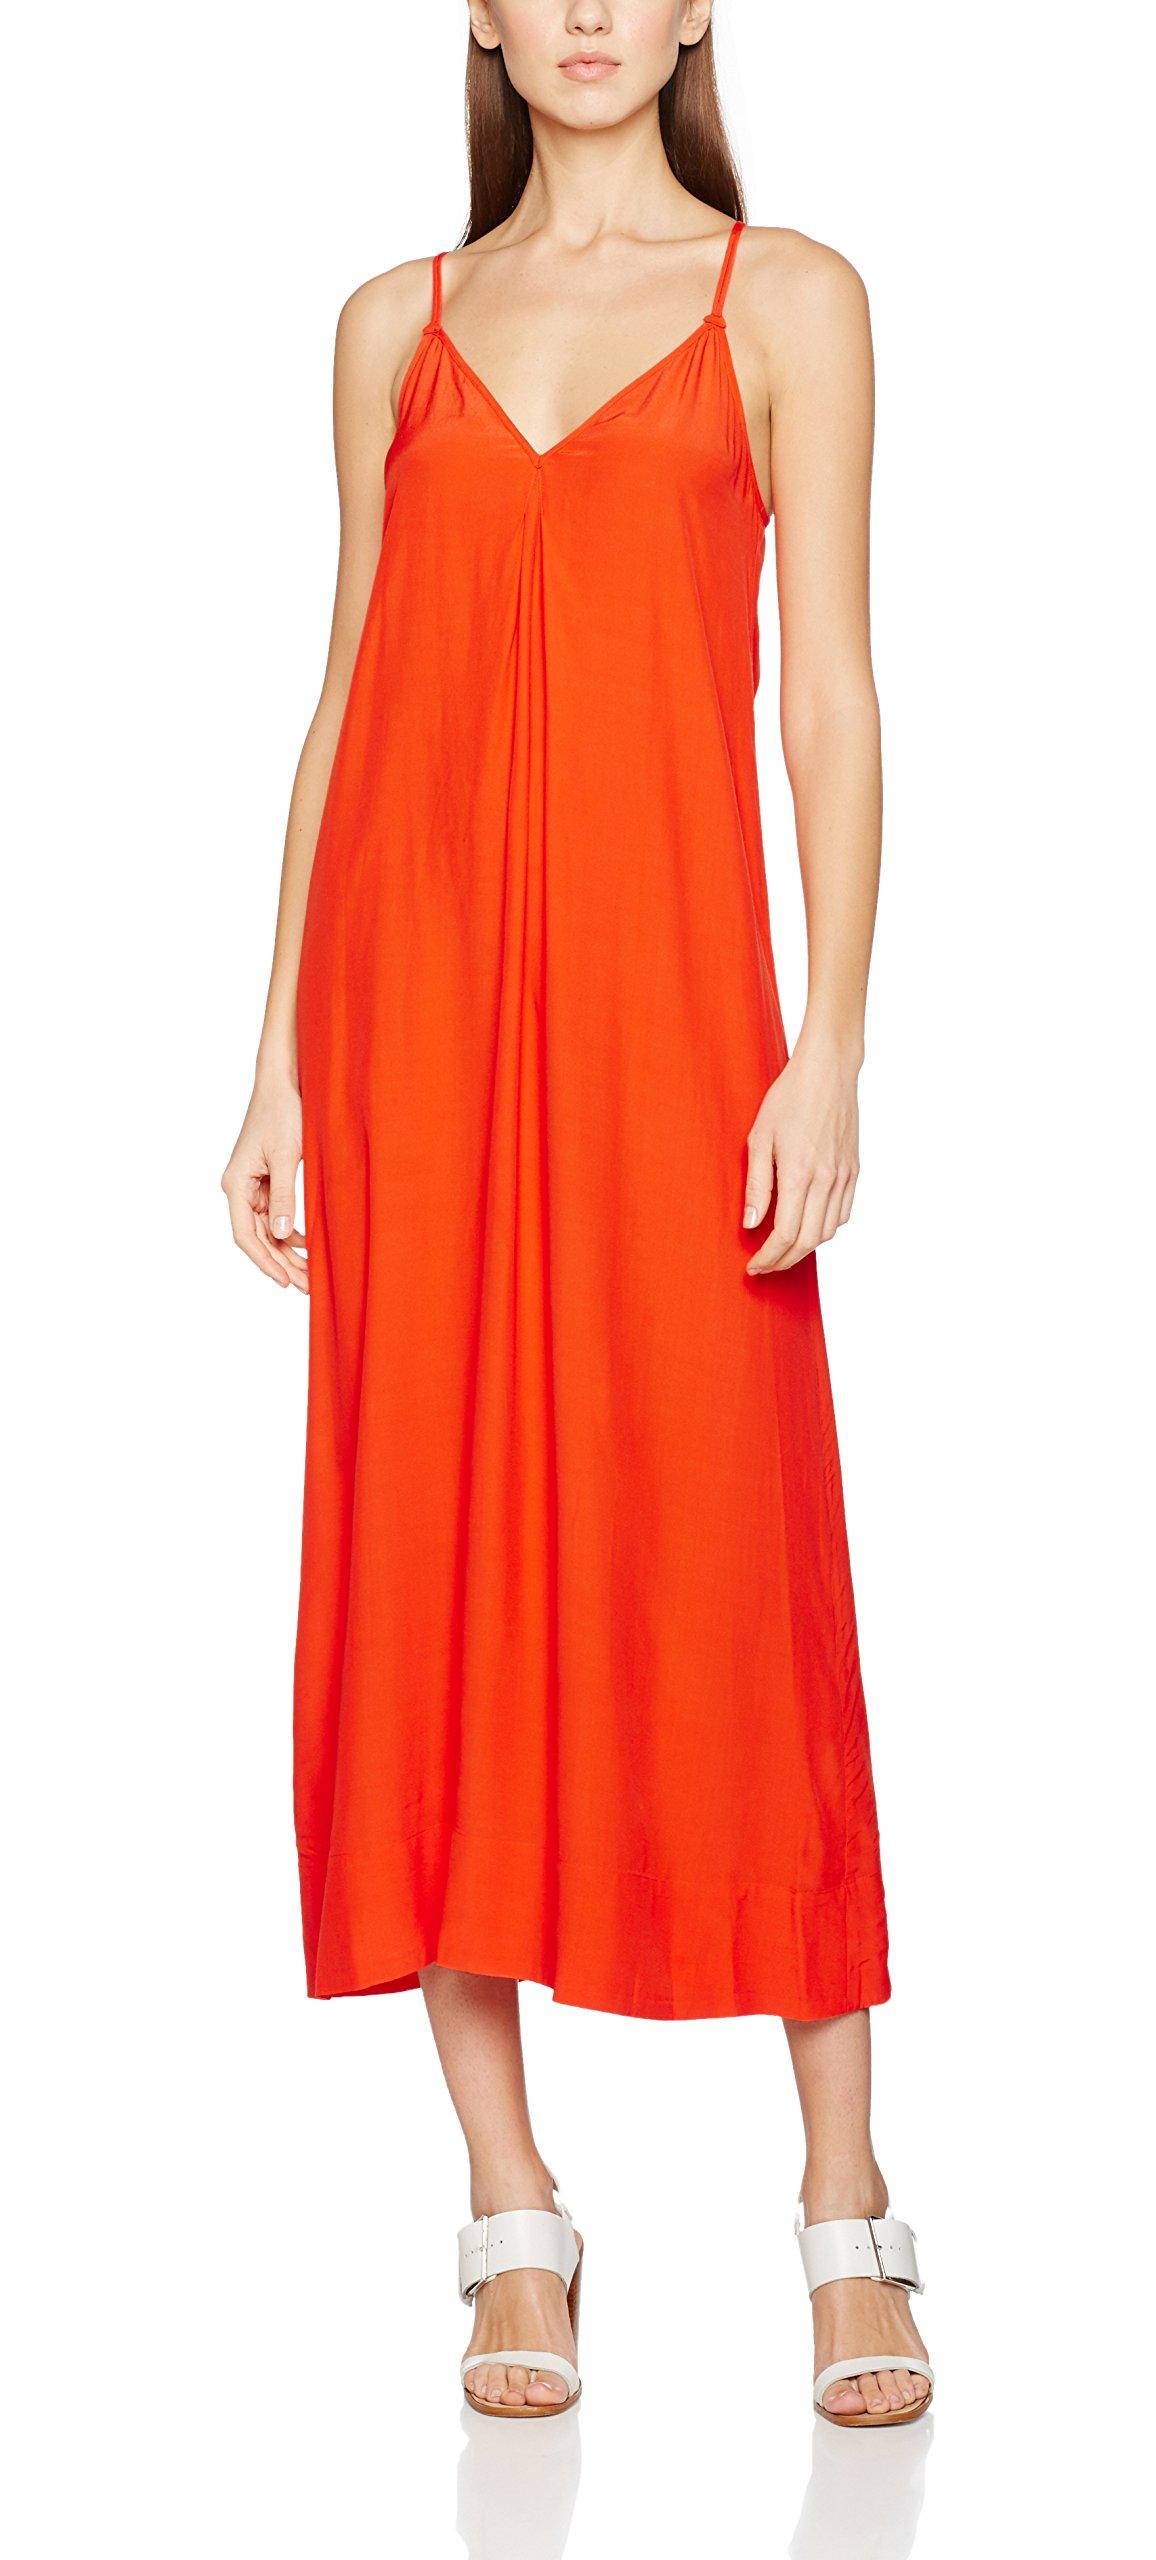 De Robe OrangeorangeSmalltaille sLot Fabricant Les Femme PetitesDiaphane c4RLS53jAq